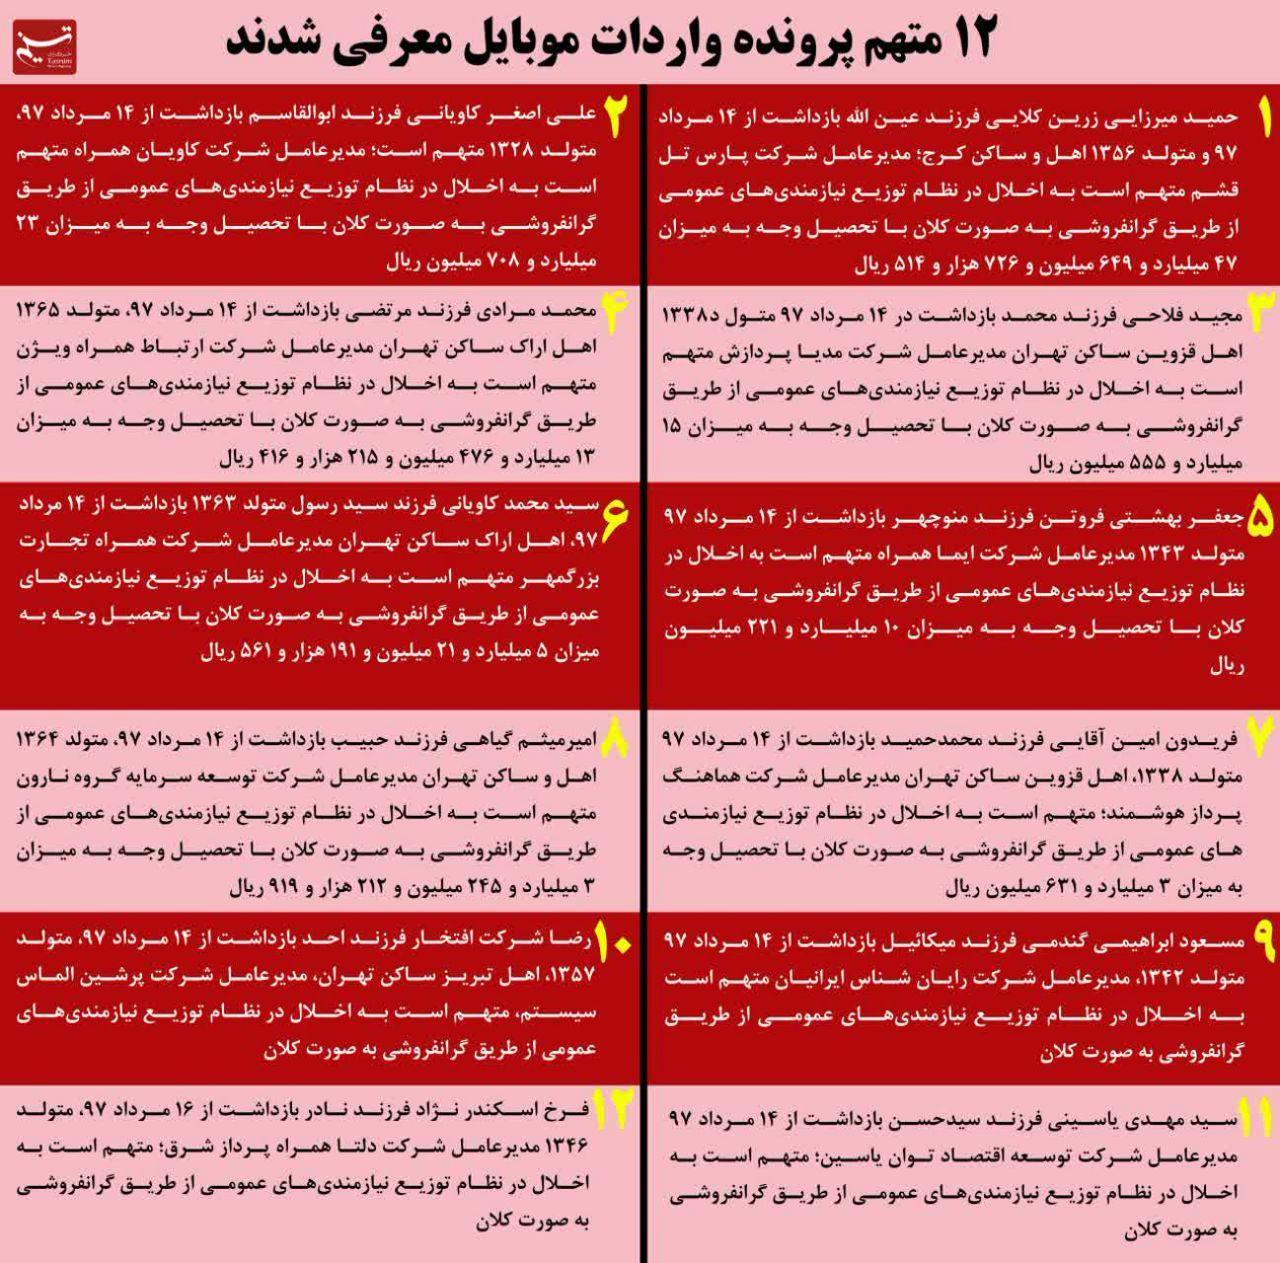 معرفی اسامی و اتهام ۱۲ متهم پرونده واردات موبایل/ اتهام: مفسد فی الارض